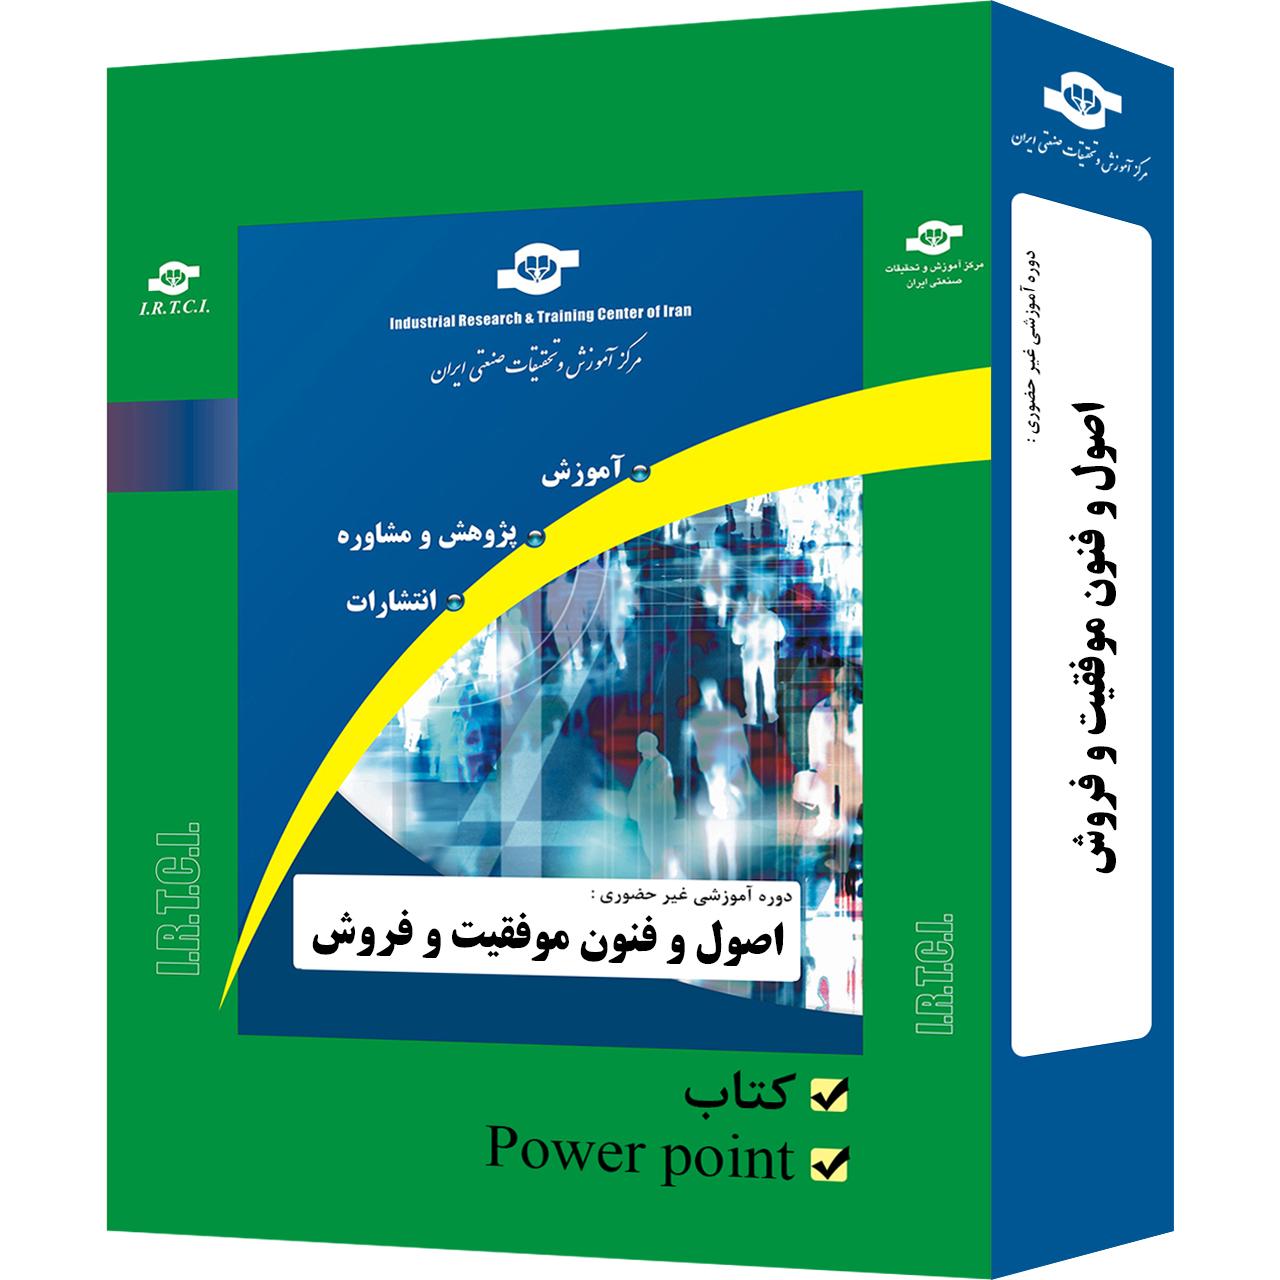 عکس بسته آموزشی غیر حضوری اصول و فنون موفقیت در فروش نشر مرکز آموزش و تحقیقات صنعتی ایران